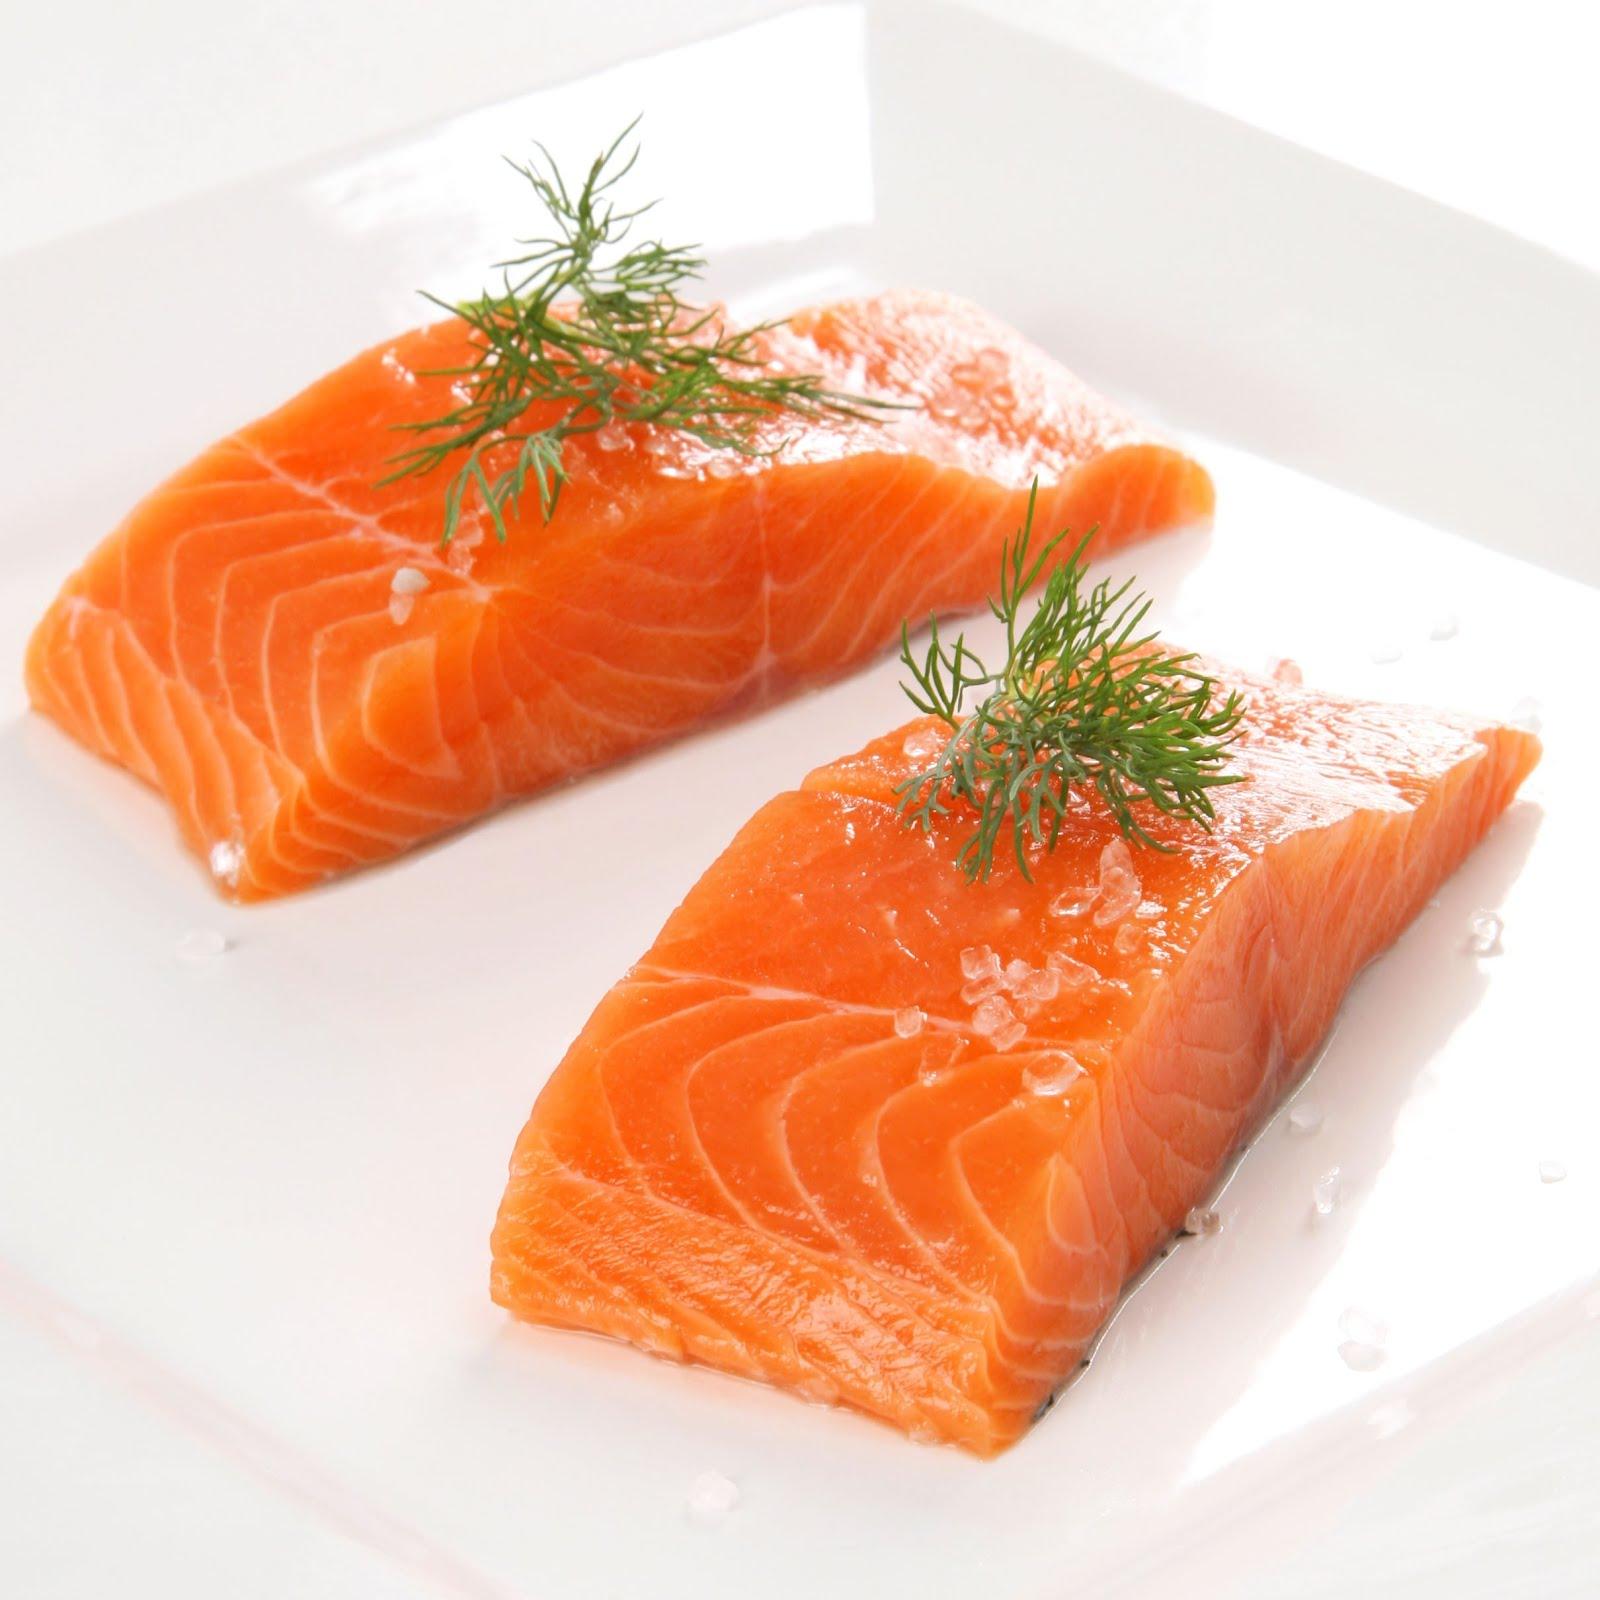 Somon Pantolon - tüm durumlar için beş yemek tarifleri